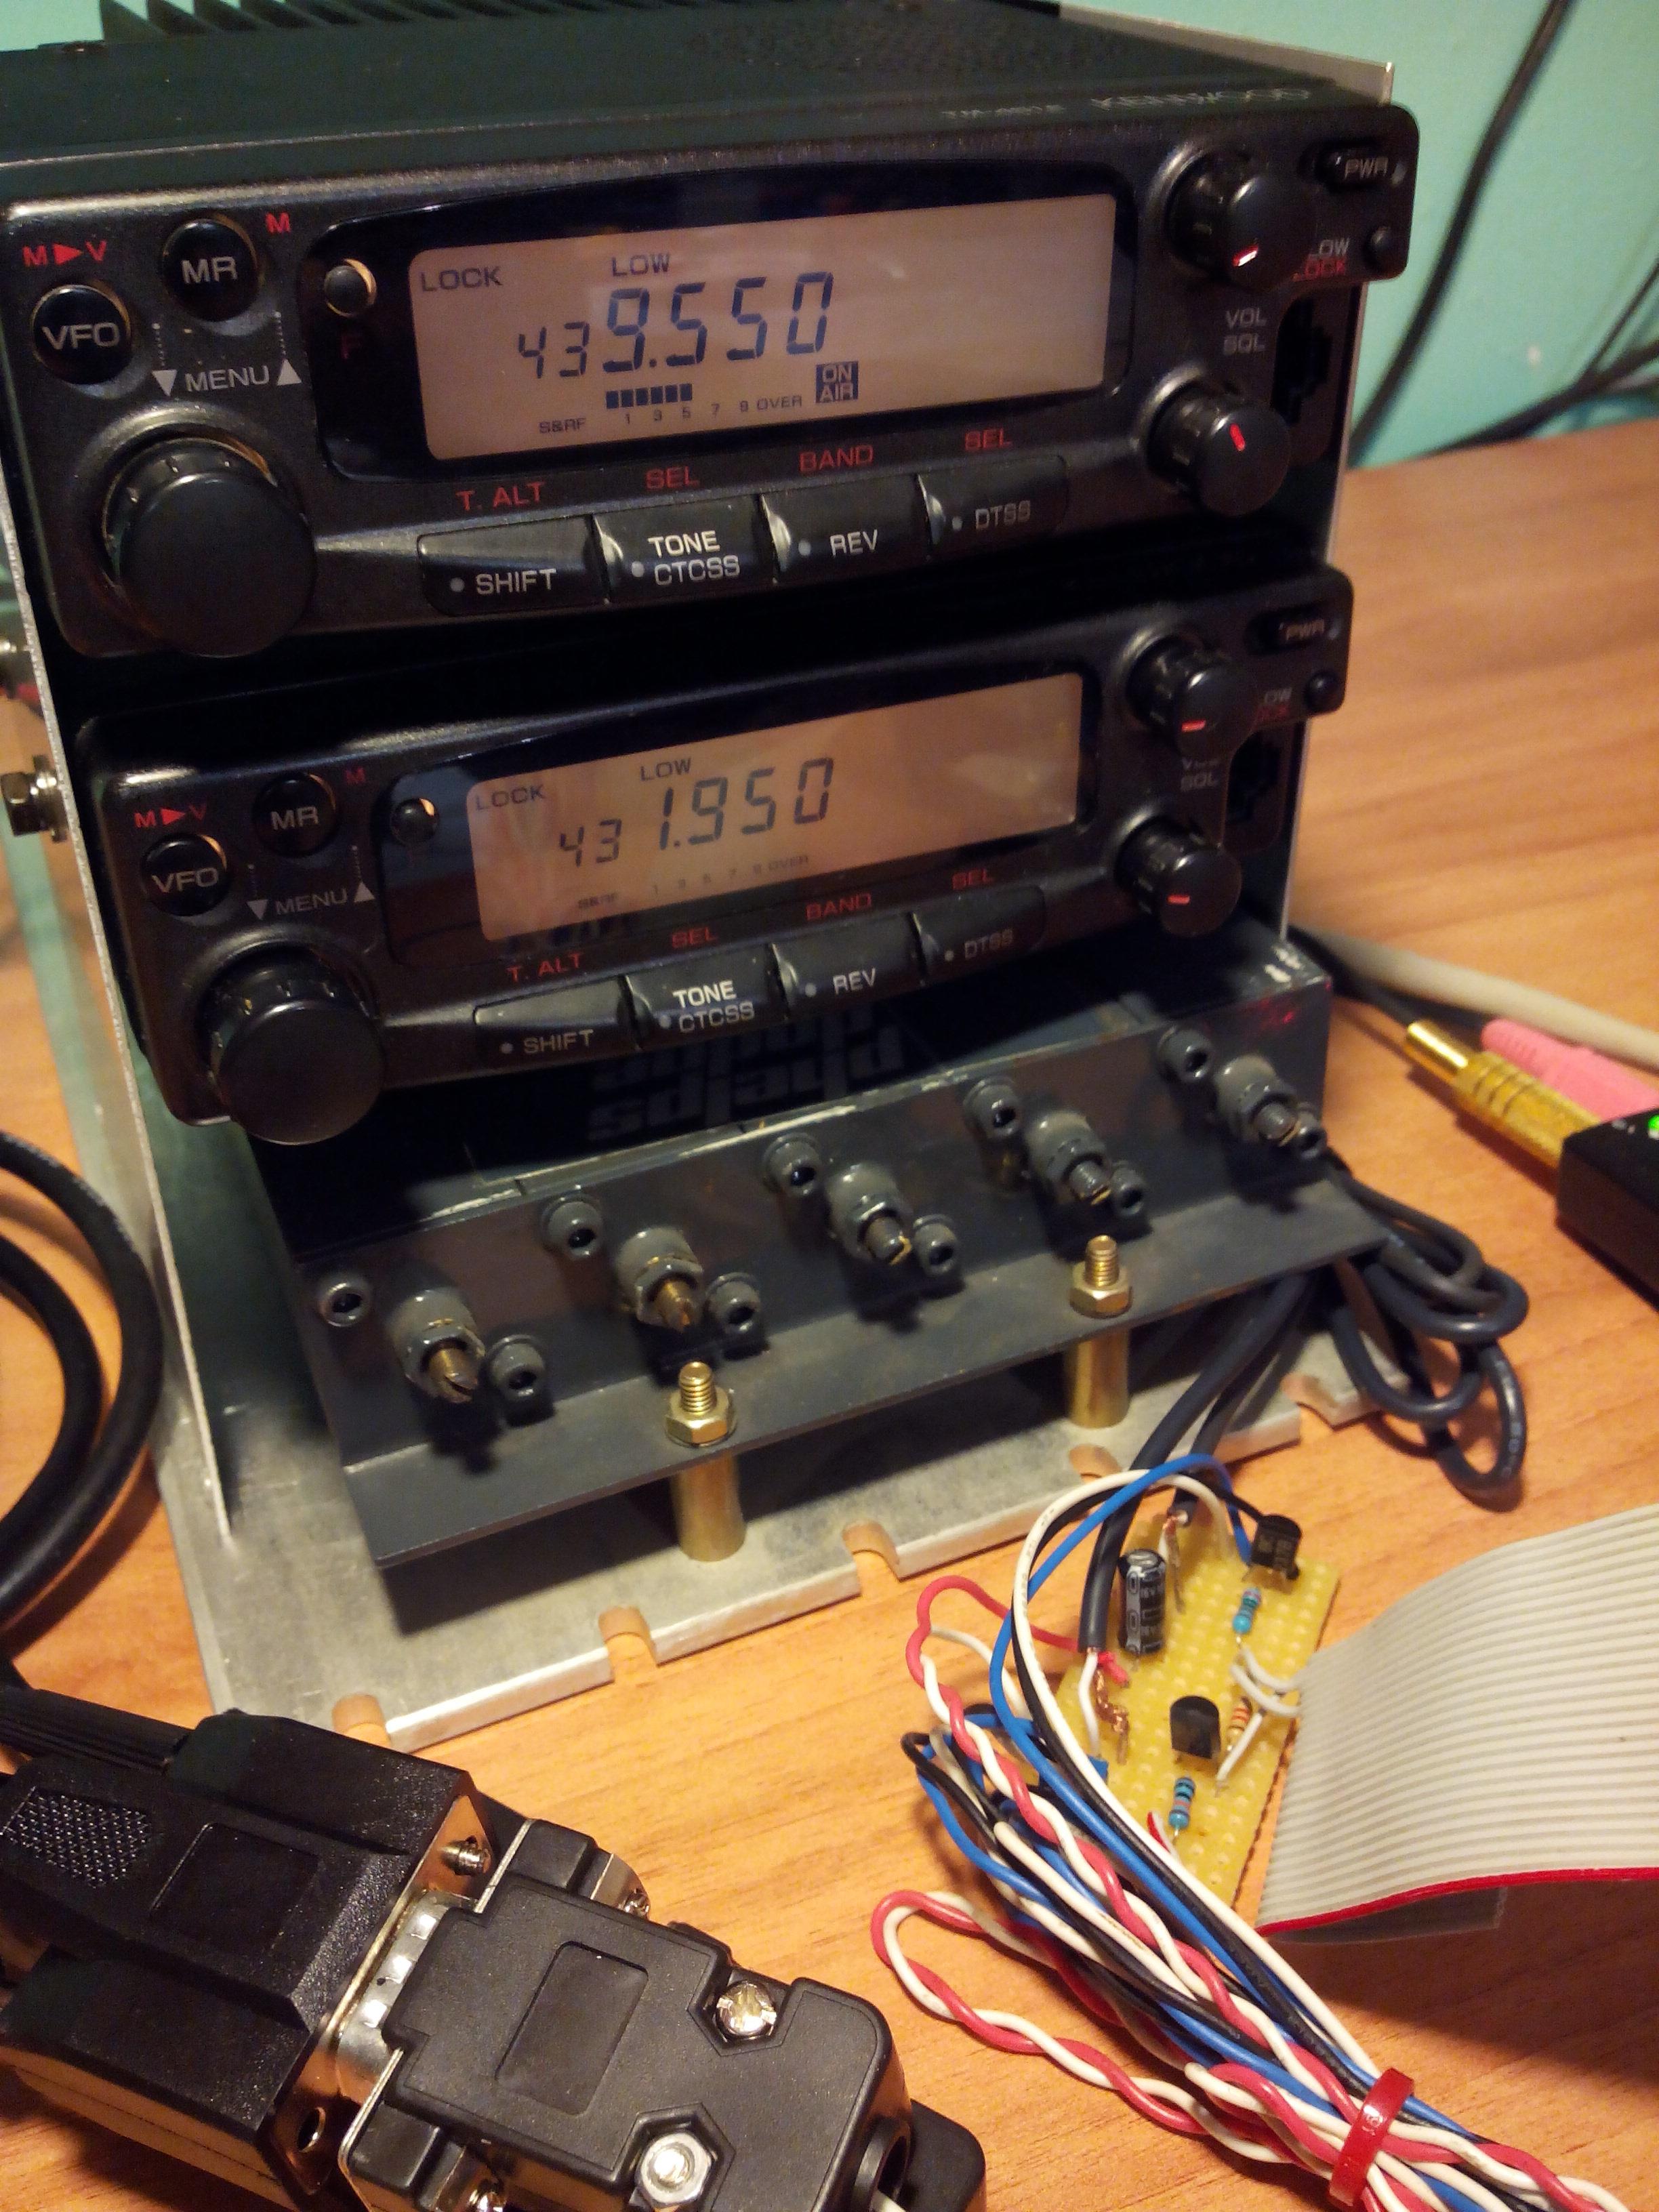 comment monter un relais avec svxlink et un raspberry pi f5uii station radioamateur fran aise. Black Bedroom Furniture Sets. Home Design Ideas